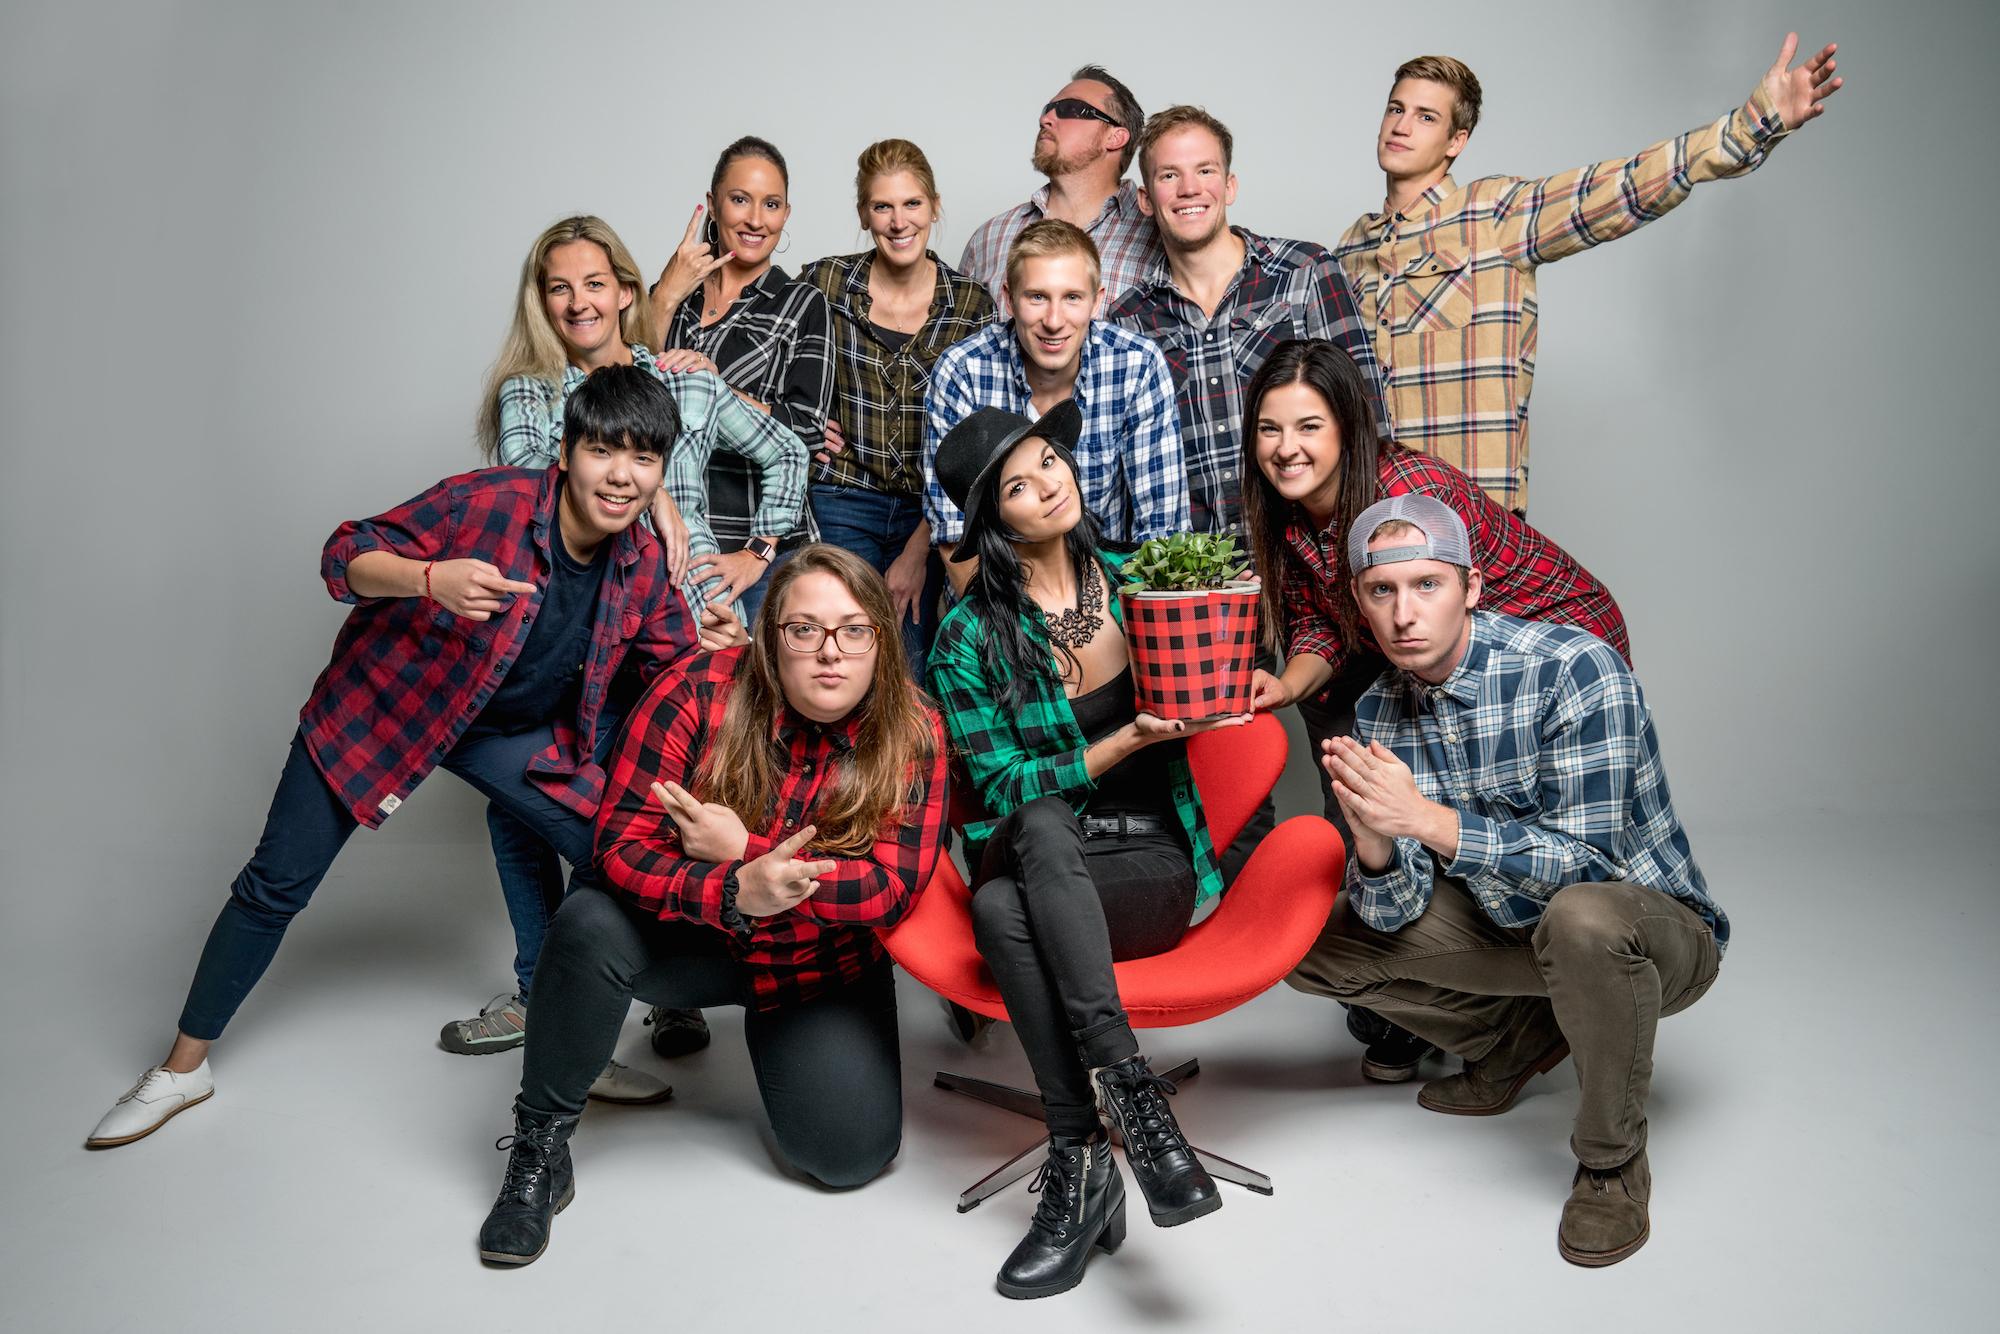 Spotlight Media team in 2017. Photo courtesy of Spotlight Media.